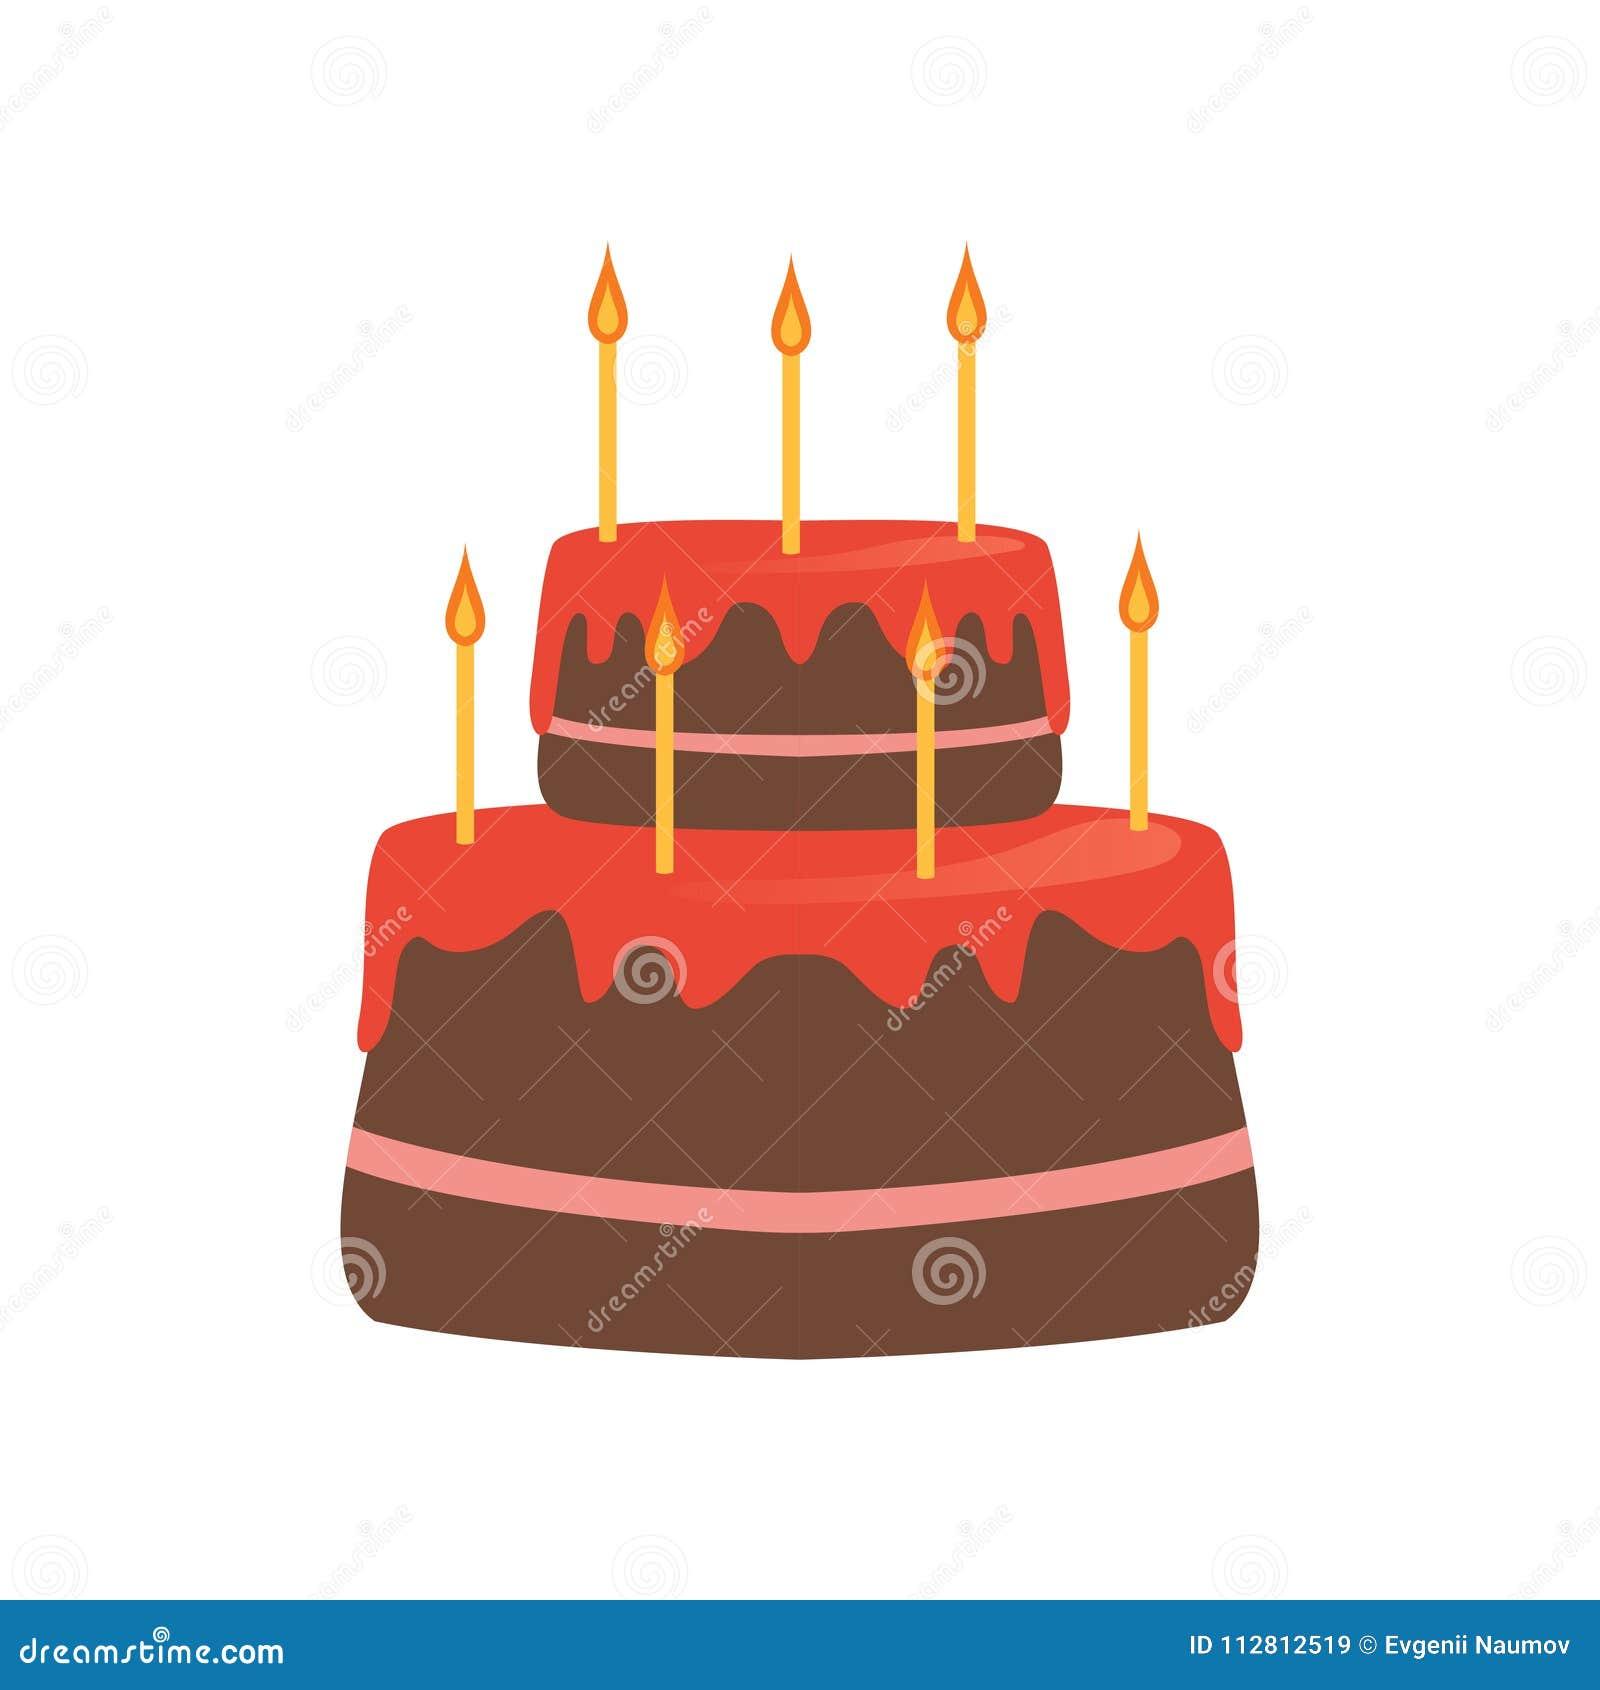 Zweistufenkuchen Mit Roter Glasur Und Sieben Brennenden Kerzen